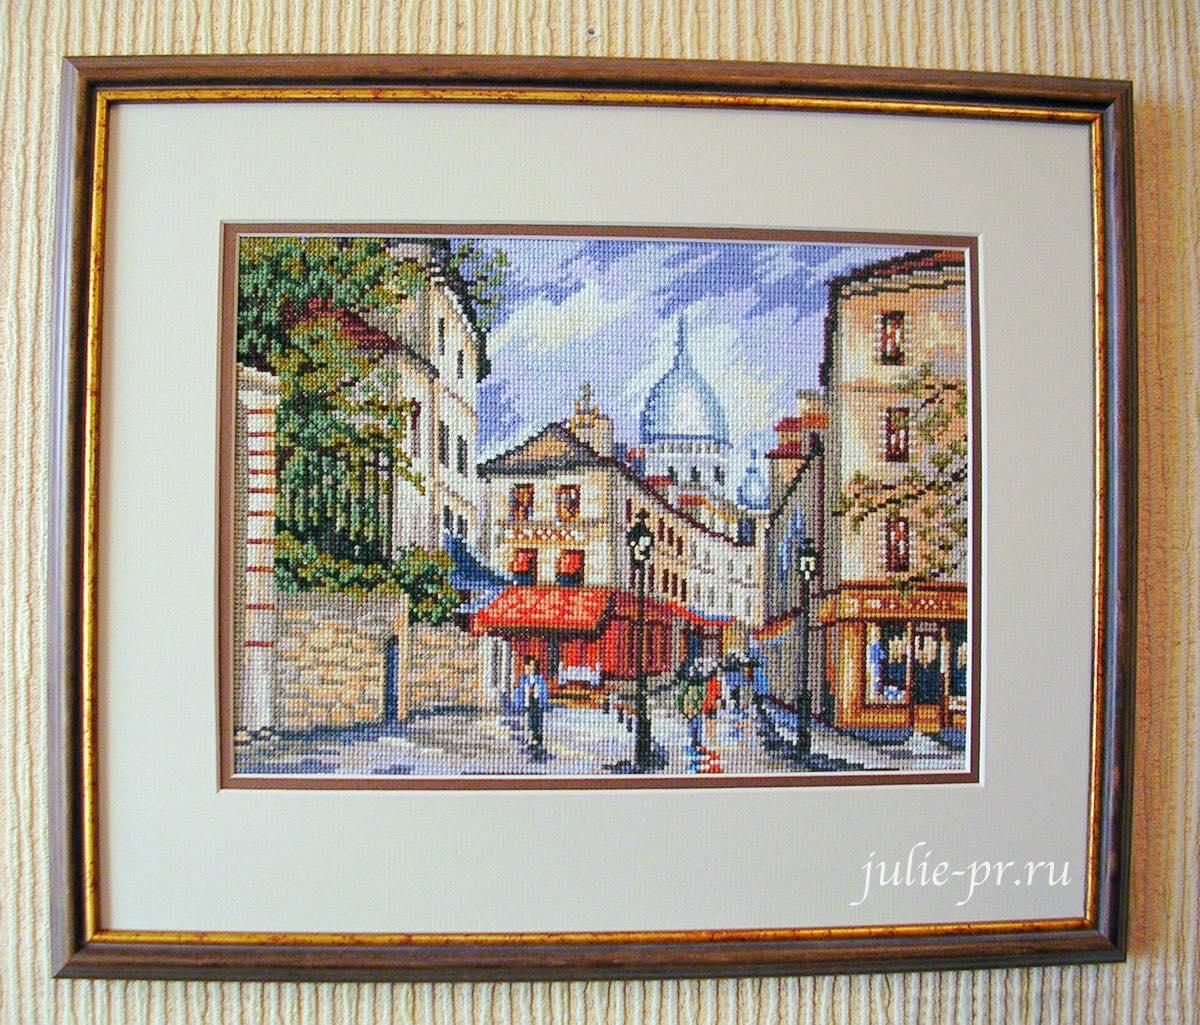 Парижская улица, Монмартр, Париж, вышивка крестом, журнал Чудесные мгновения